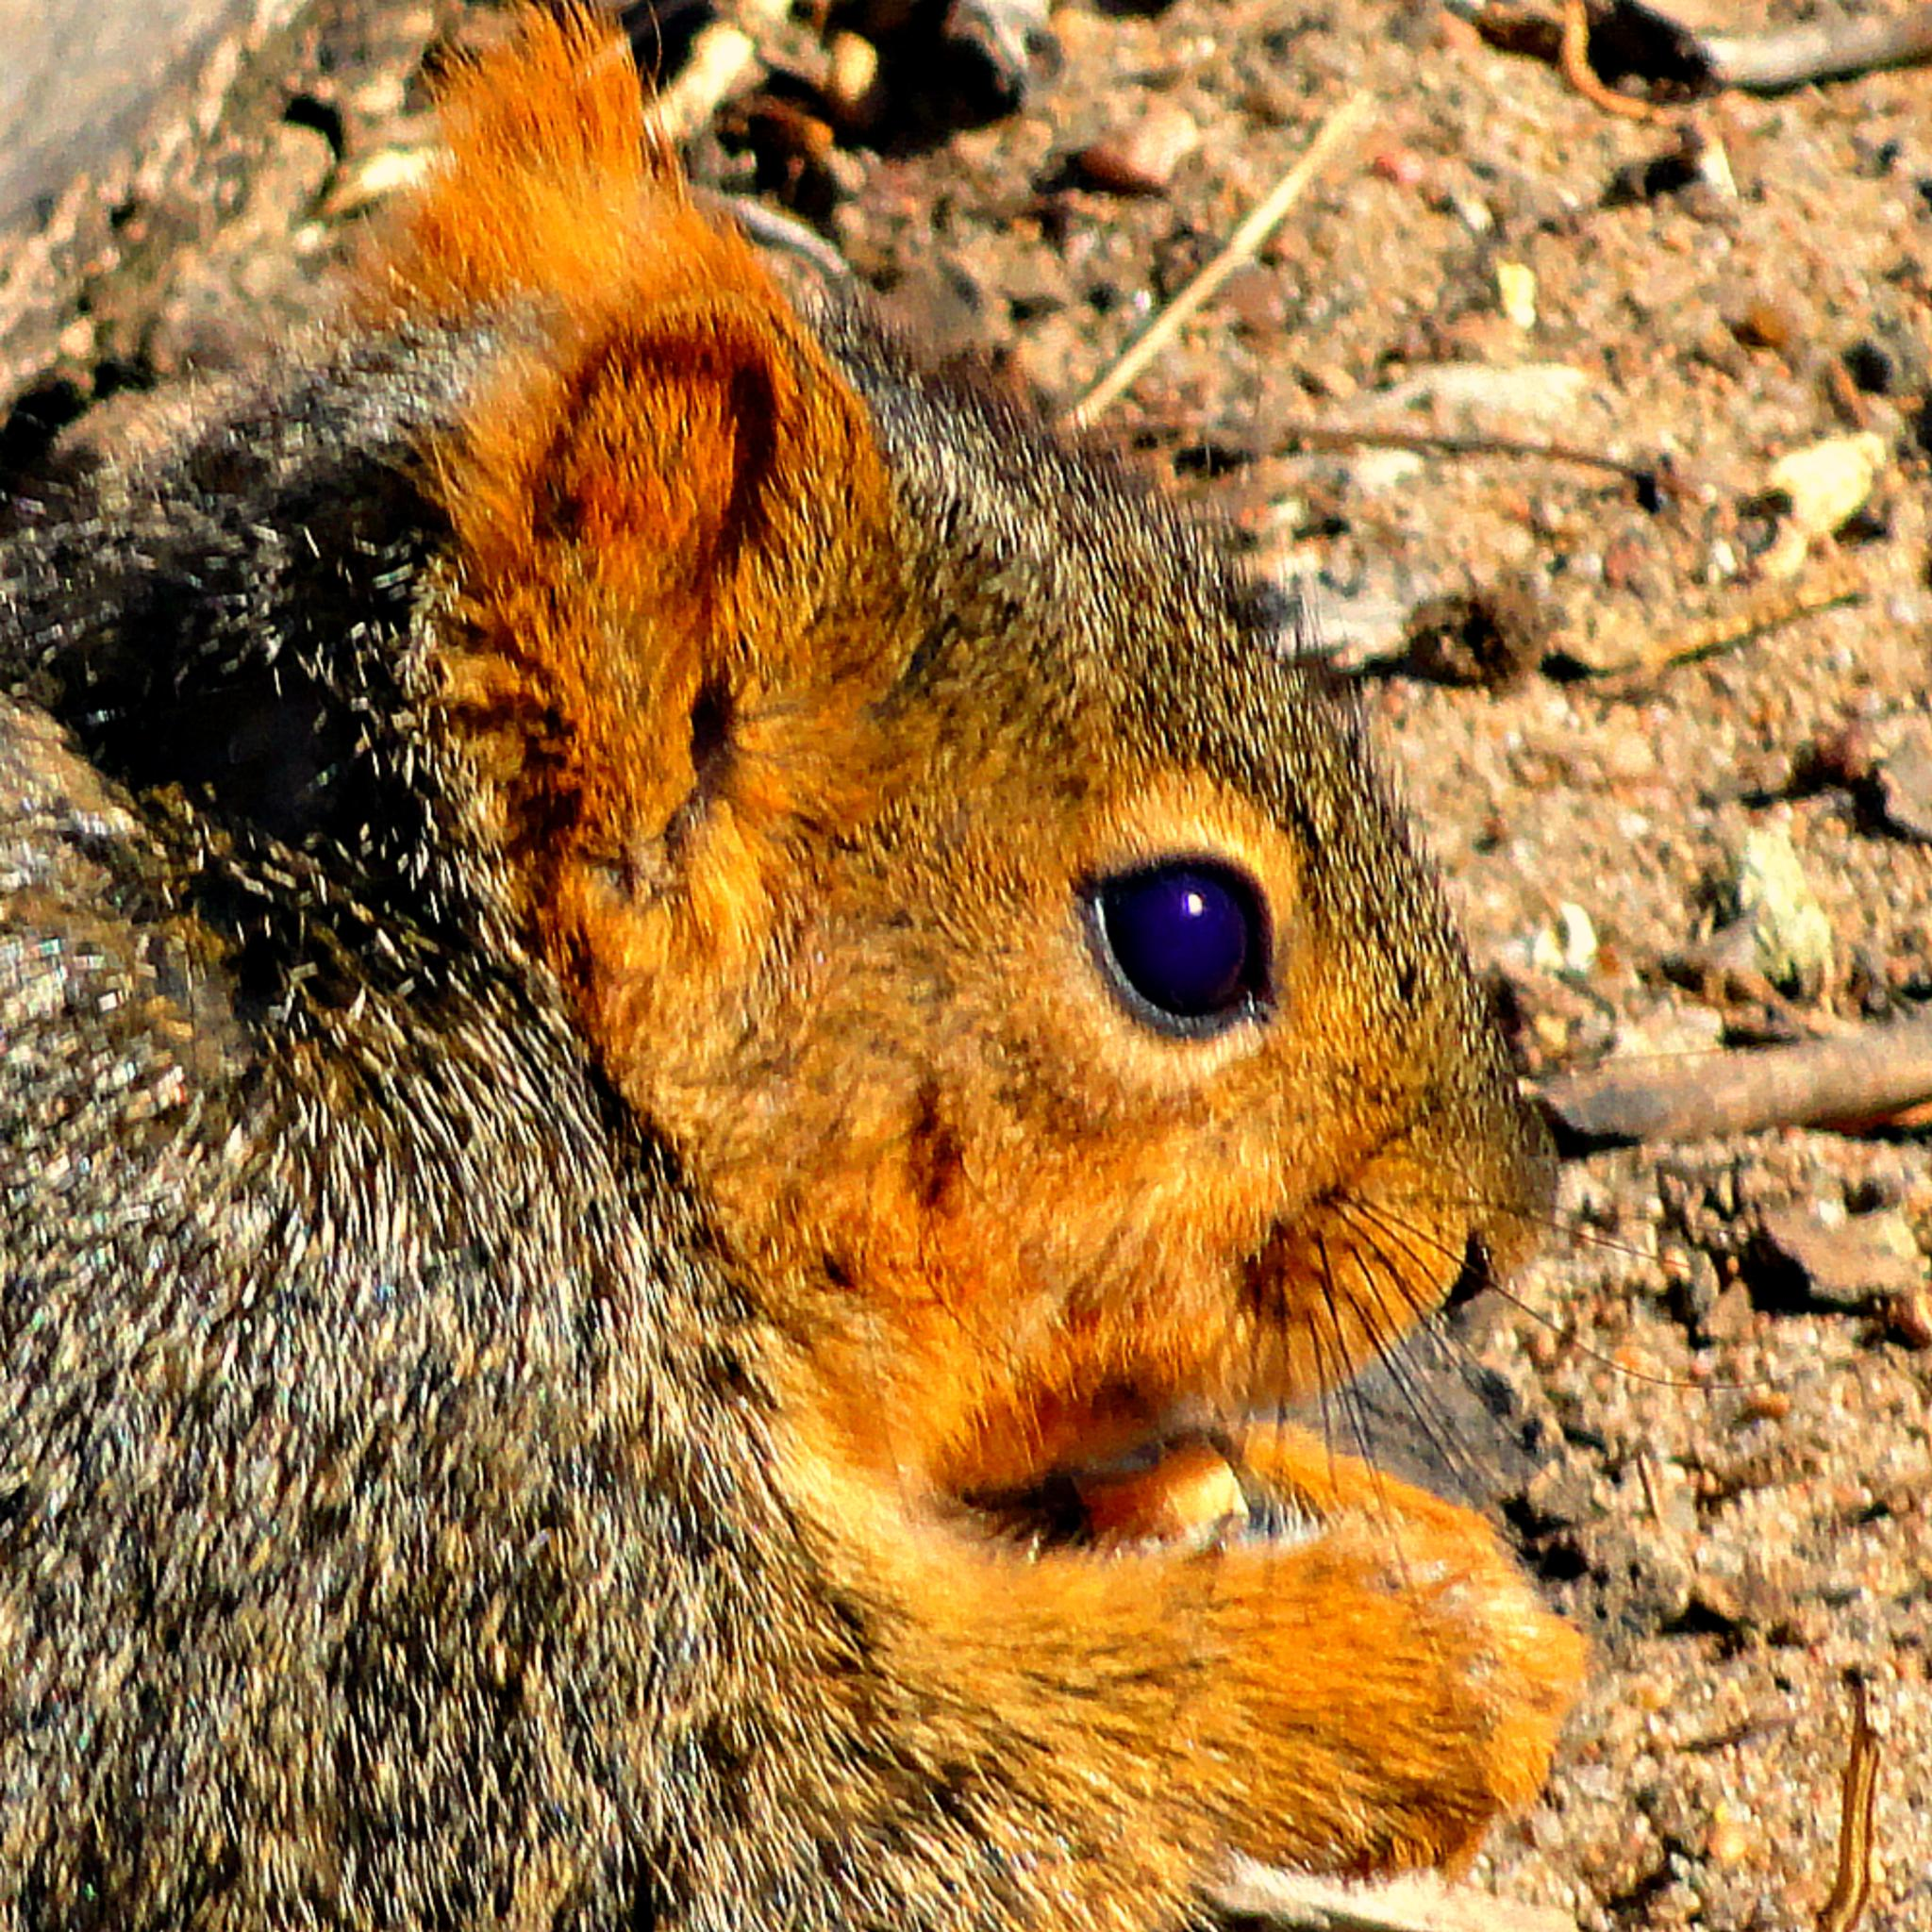 Random Squirrel by Lione'sLens